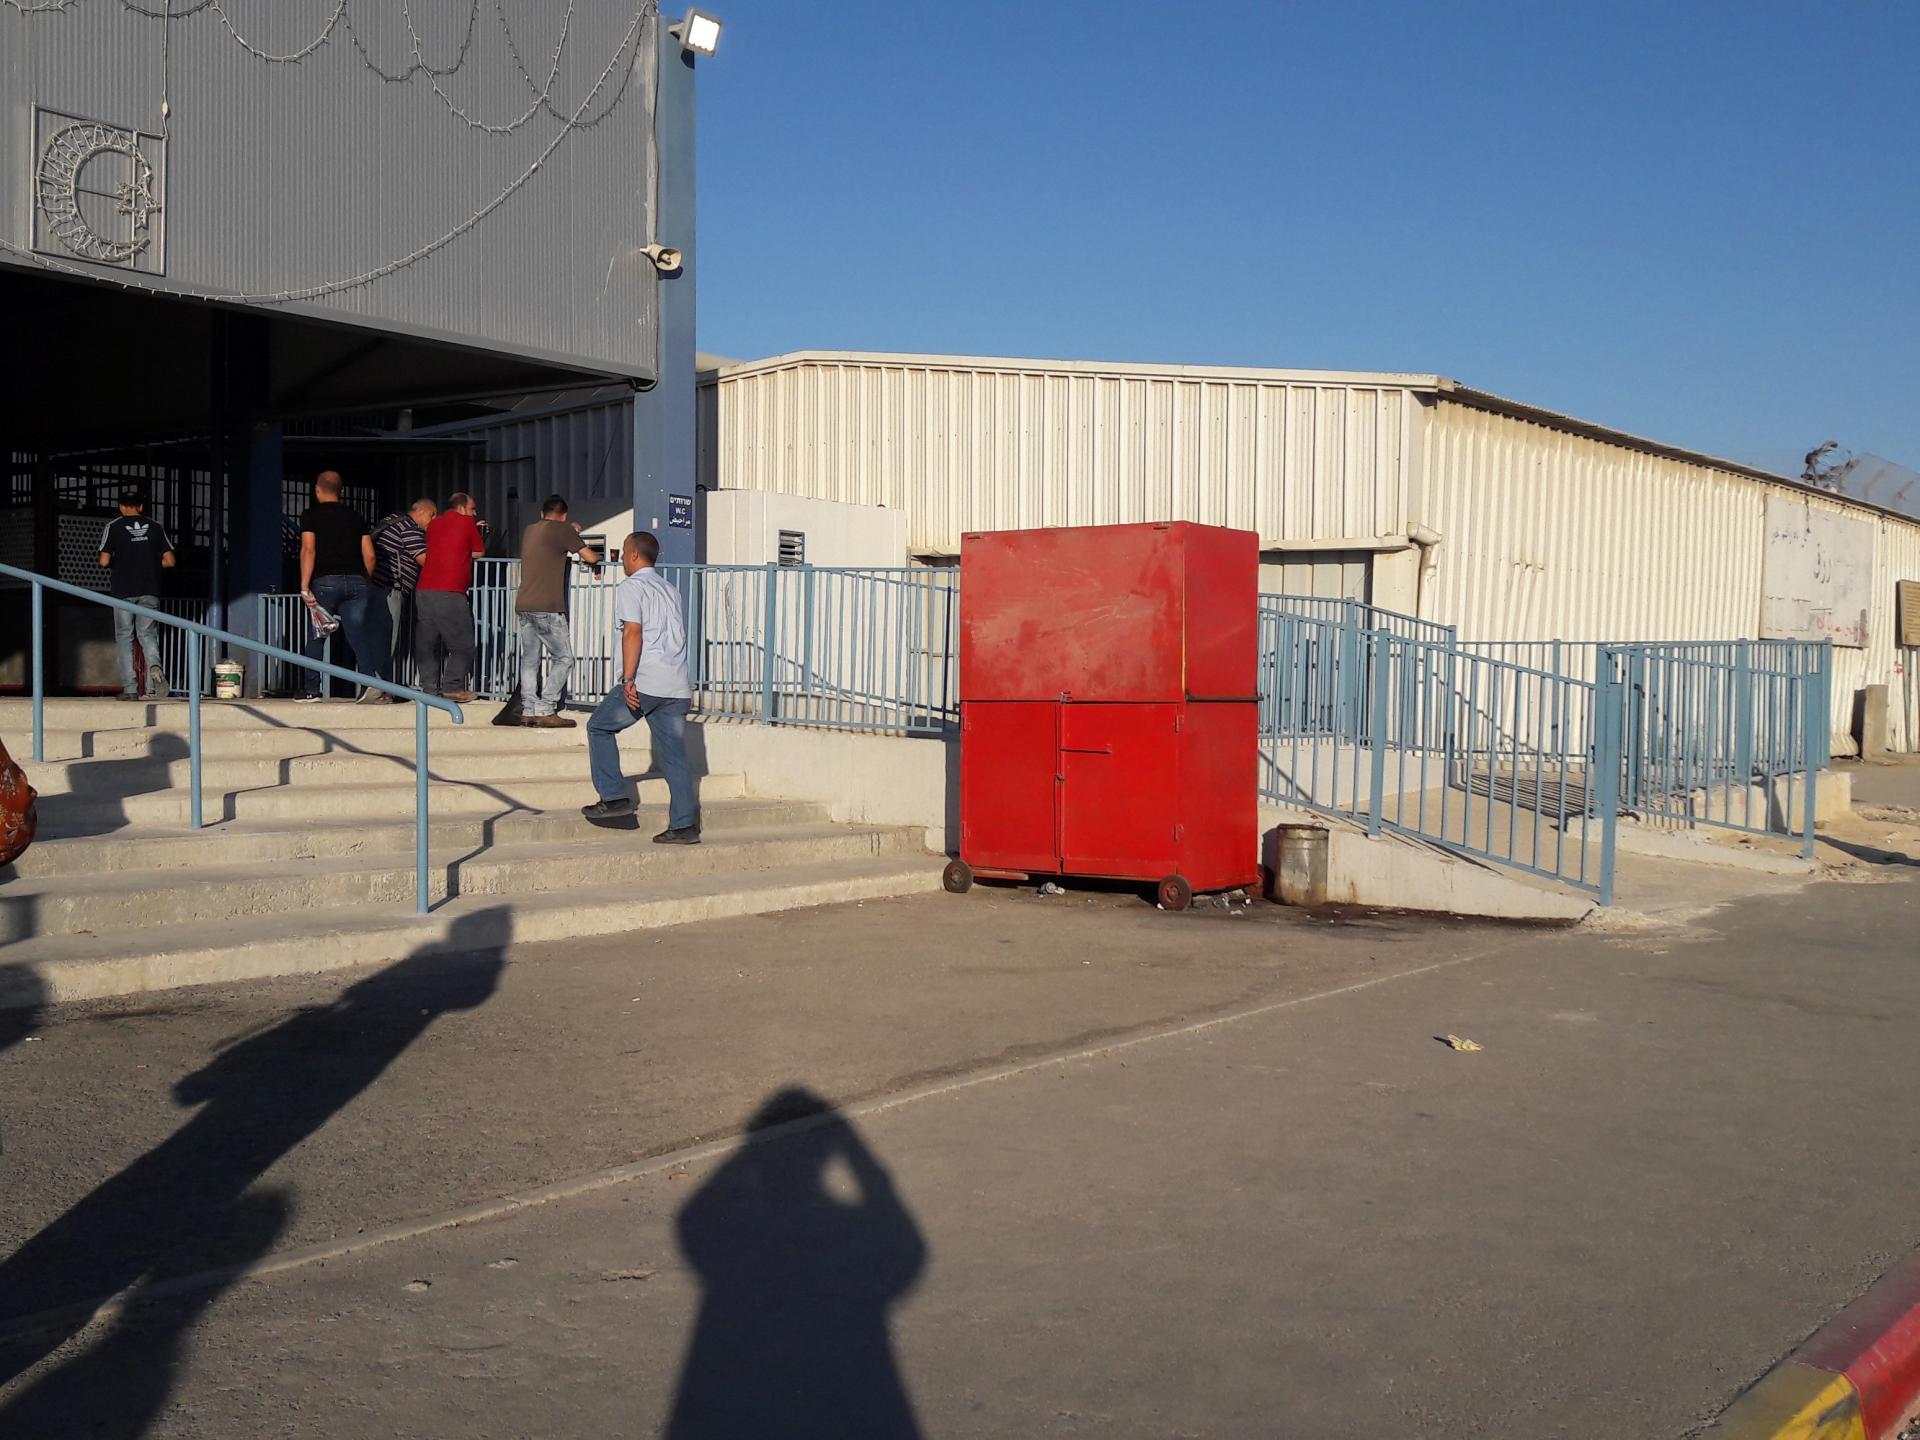 הבודקה האדומה של הקיוסק בכניסה לסככה